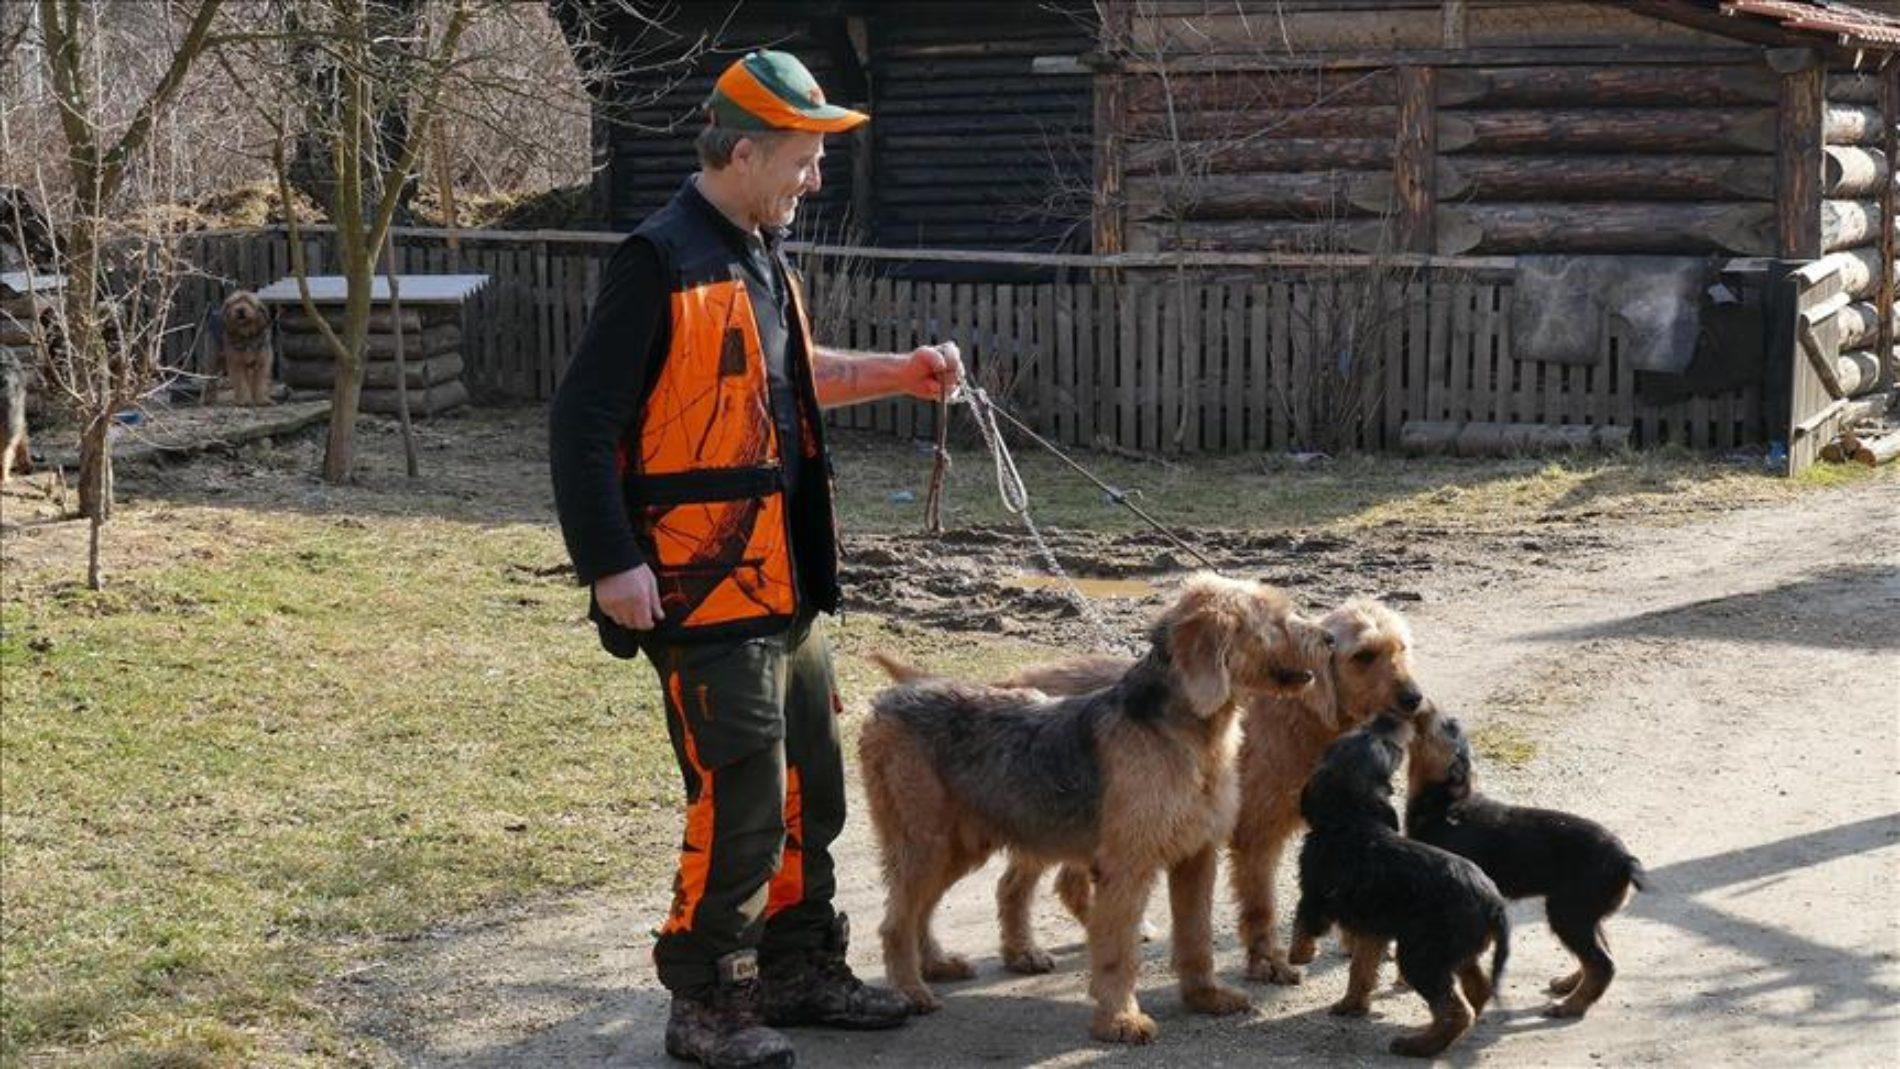 Mirhad Džaferagić poklanja bosanske autohtone lovačke goniče i promoviše Bosnu i Hercegovinu širom svijeta